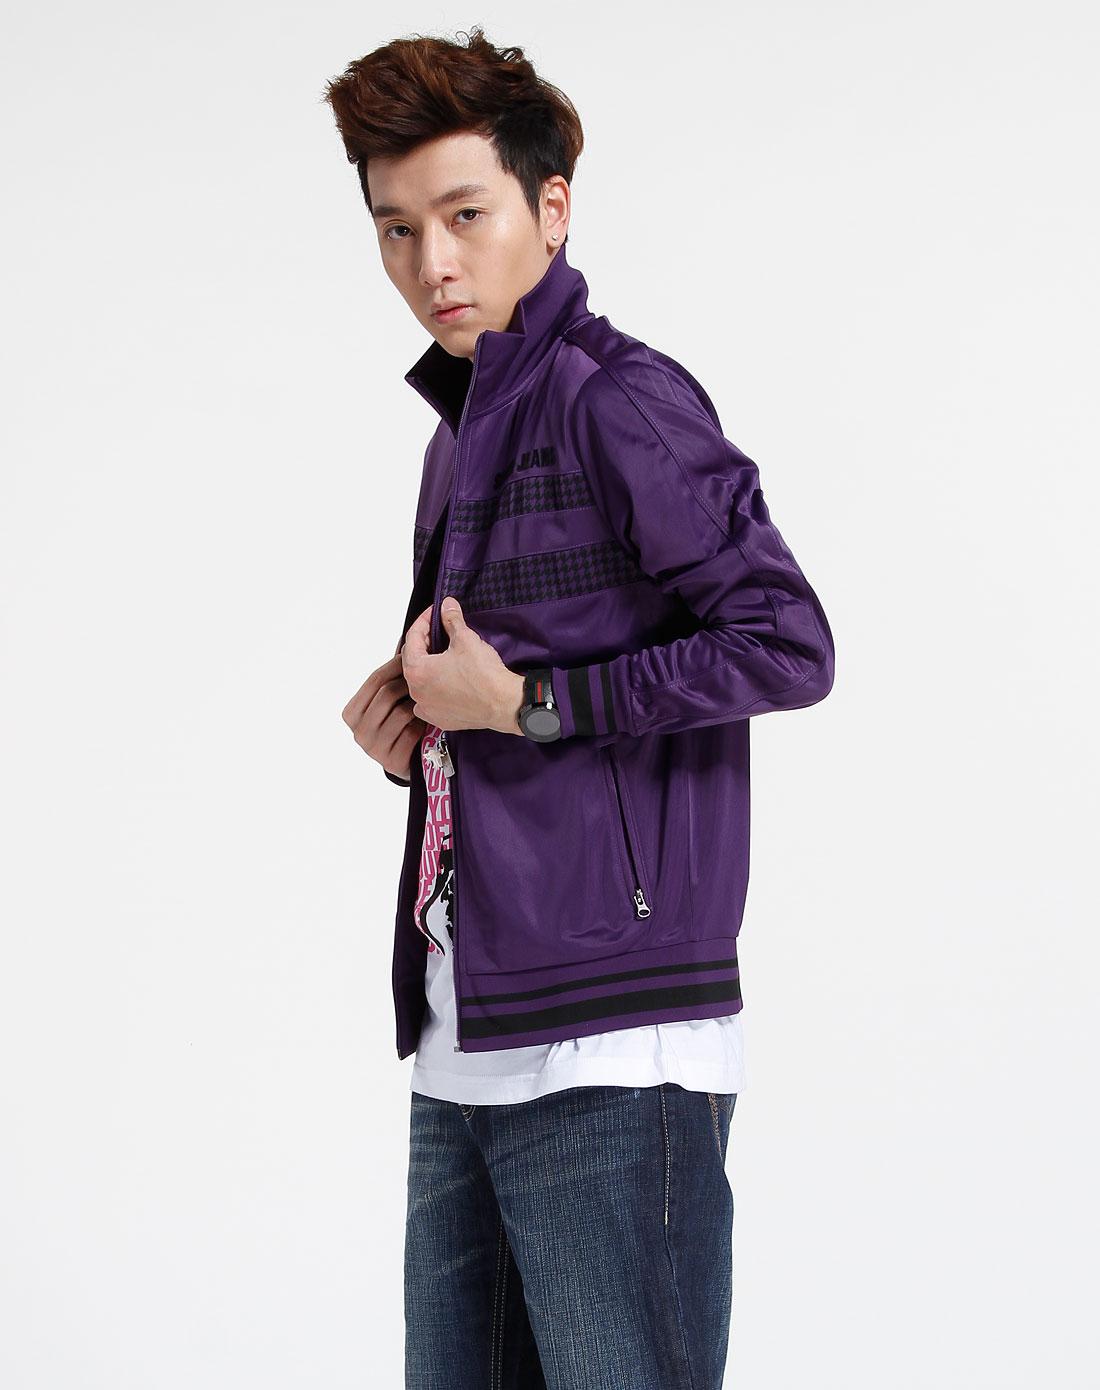 森马-男装深紫色时尚长袖休闲外套091141504-723图片